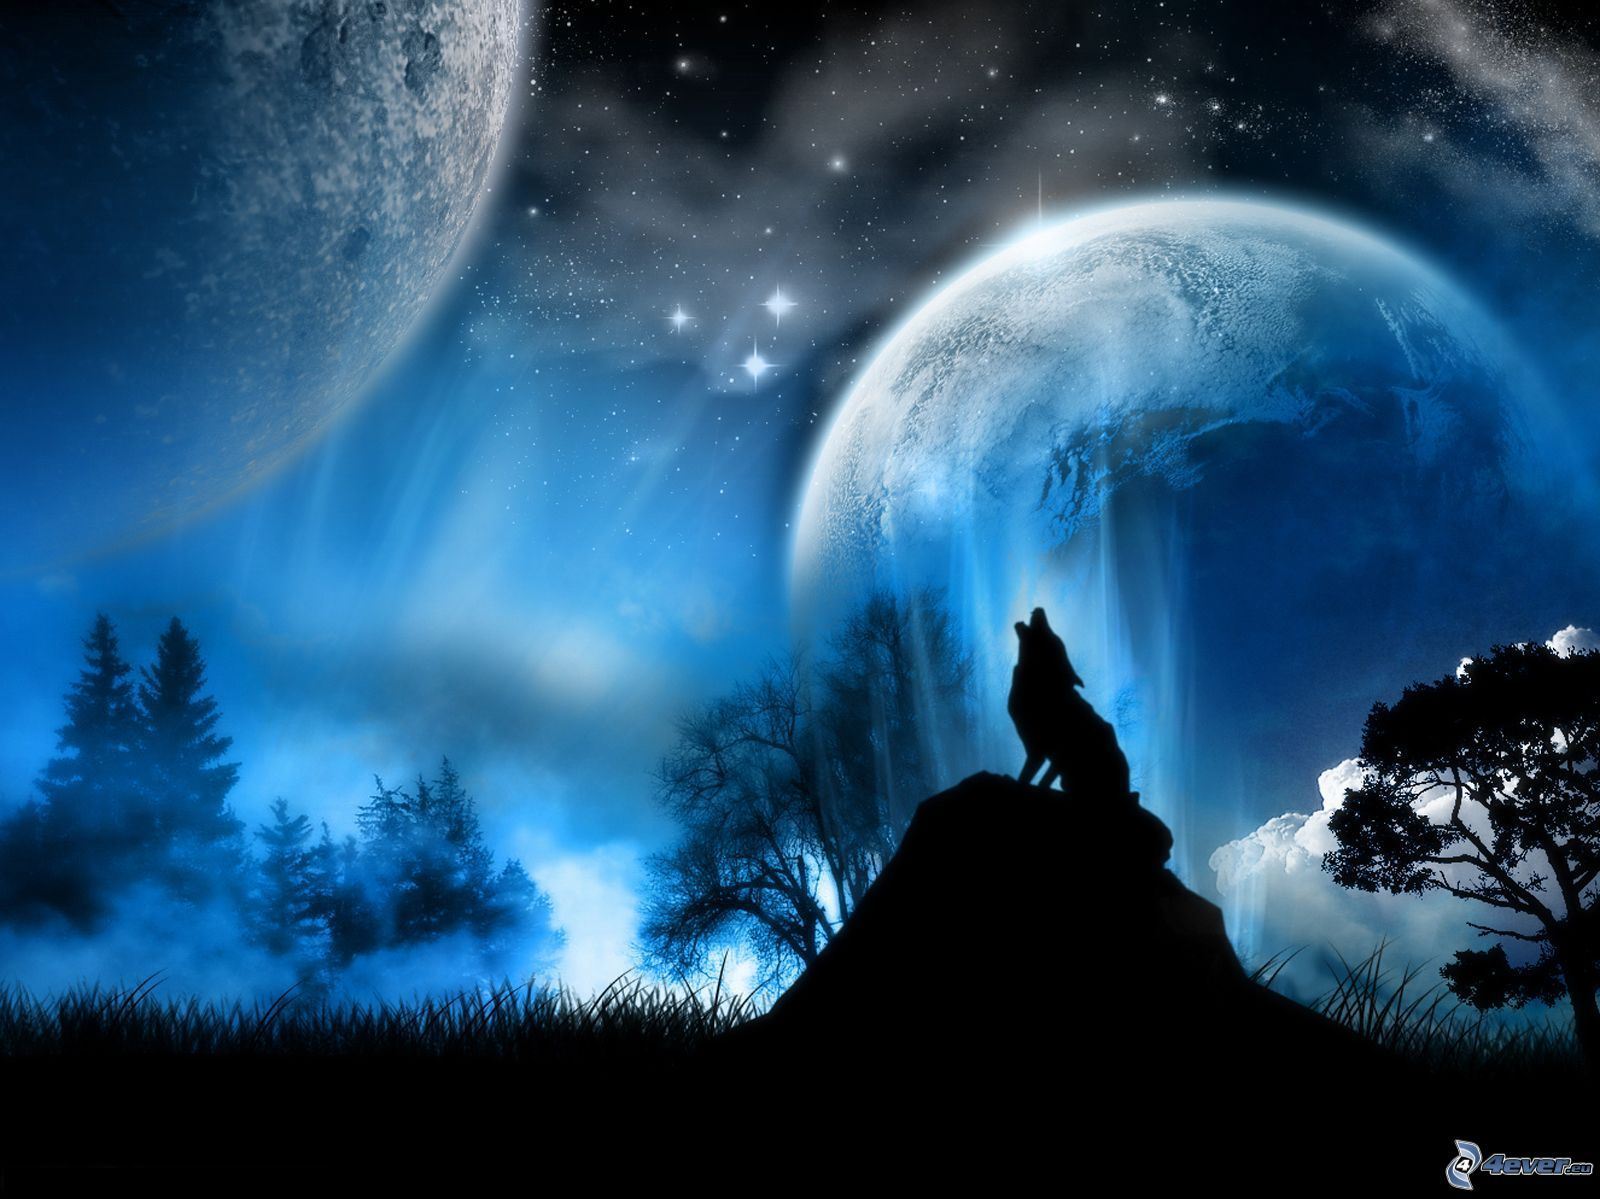 Lobo Aúllando: Lobo Aullando A La Luna...